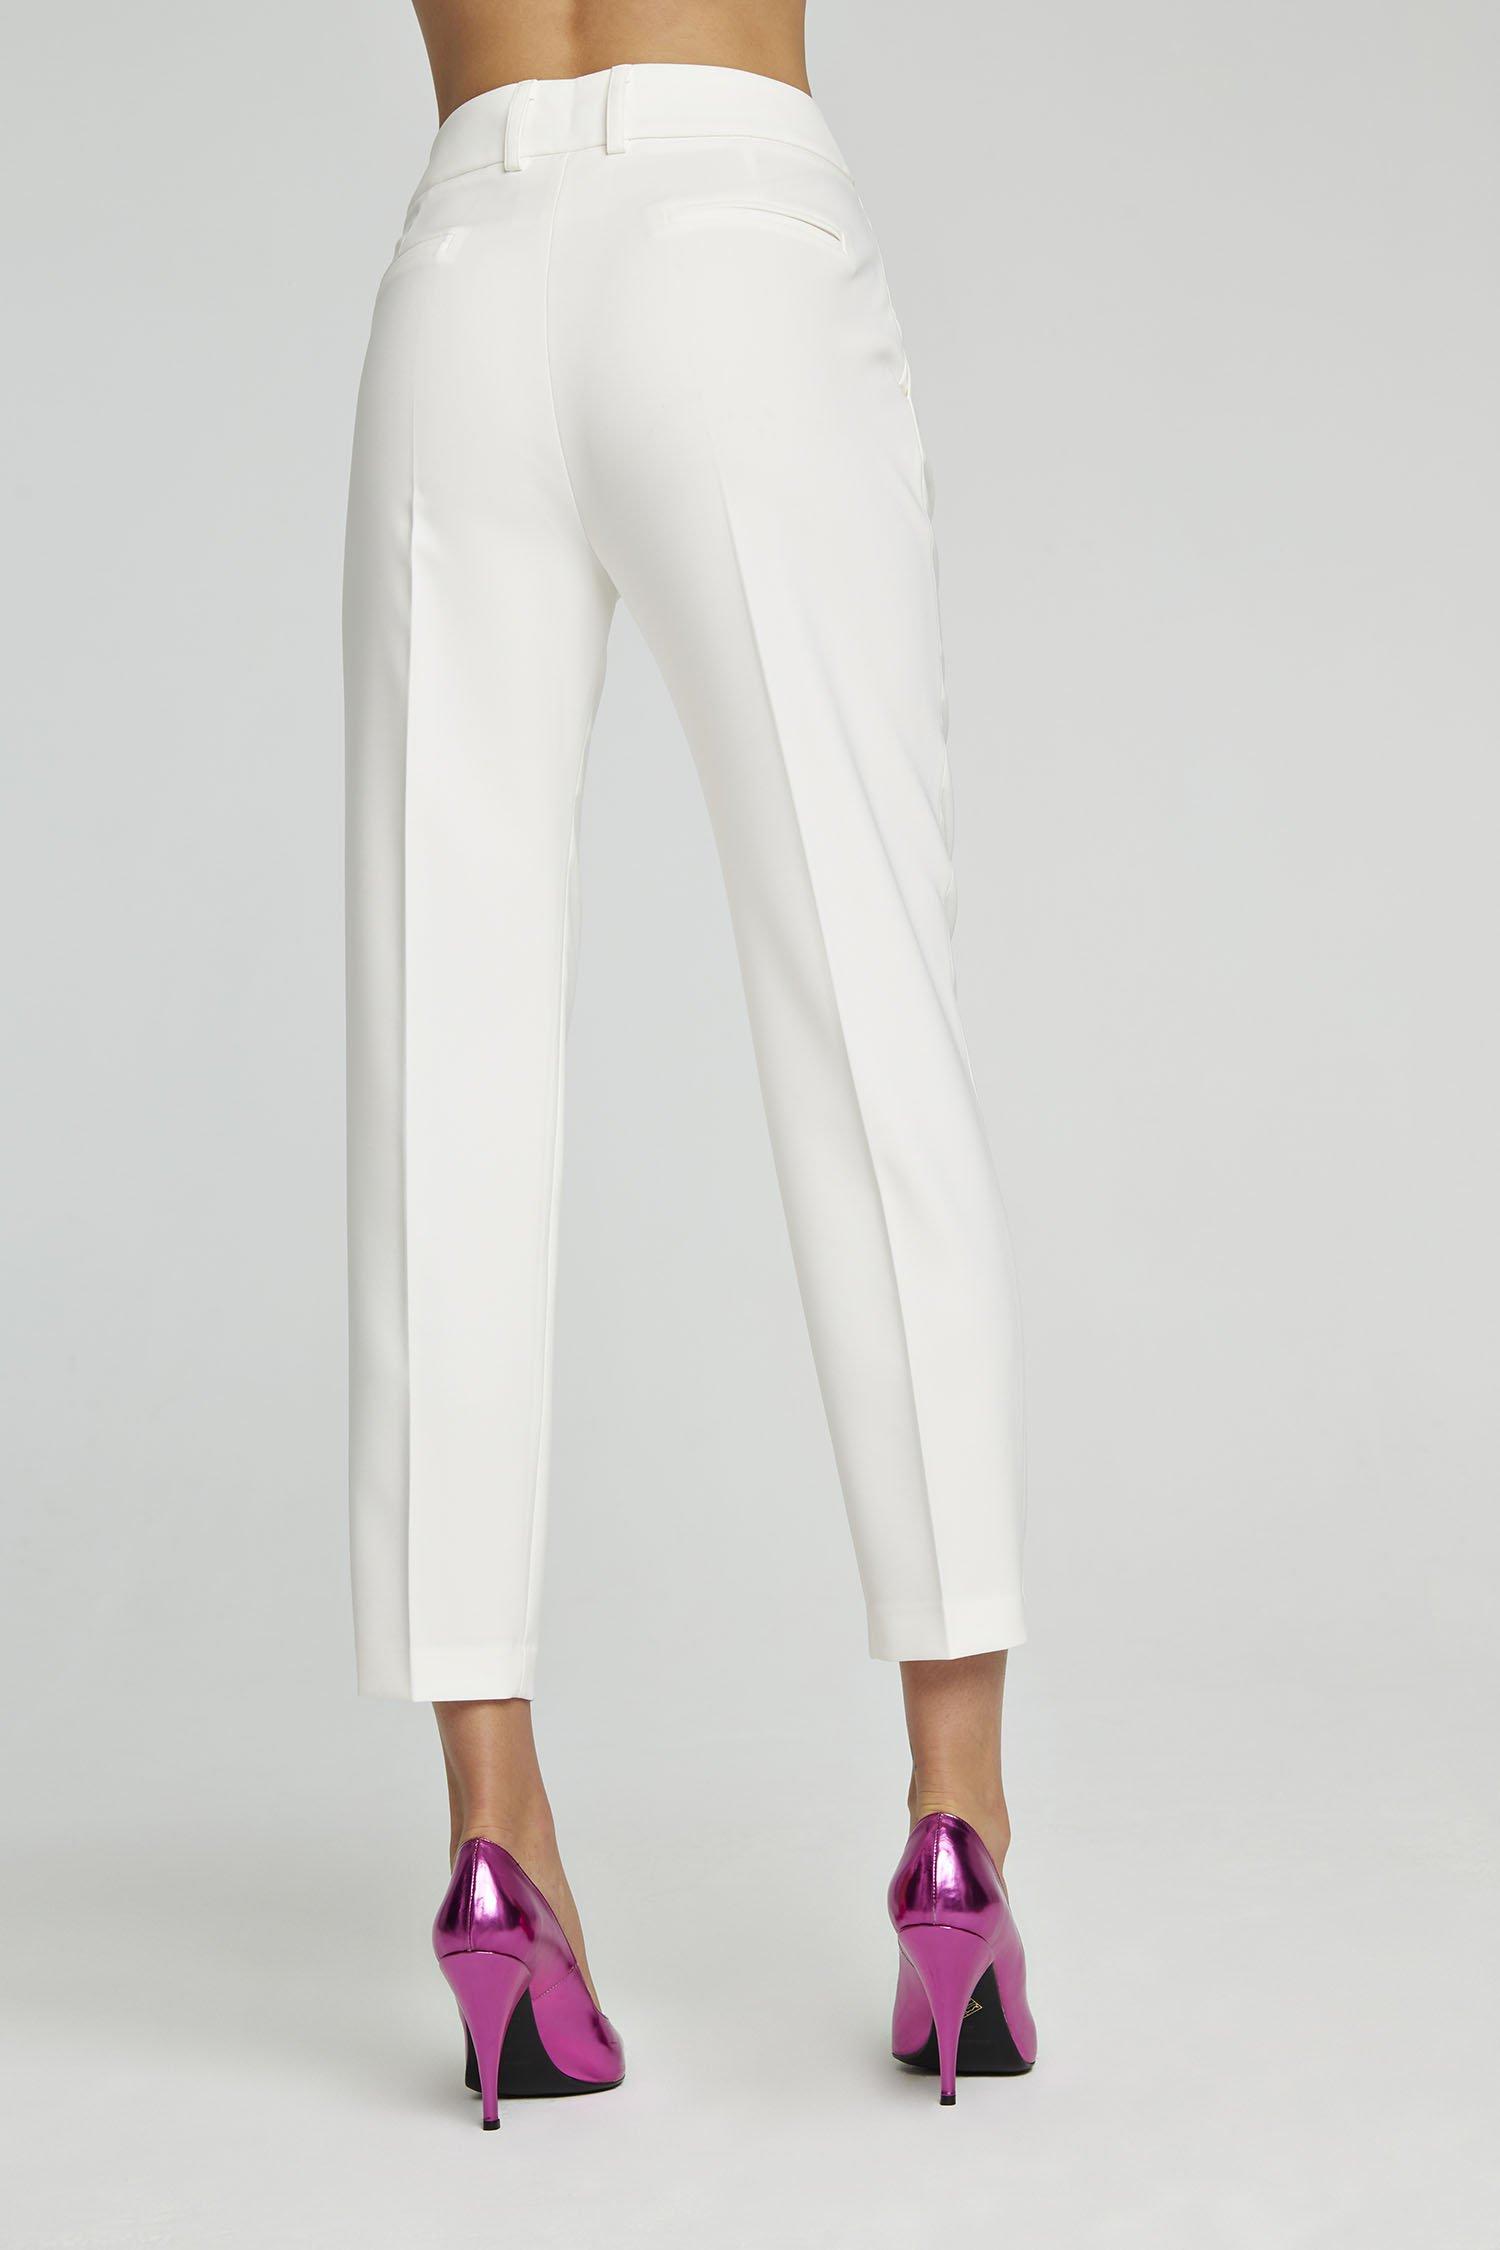 Pantalone Carrot Zoe bianco Aniye By